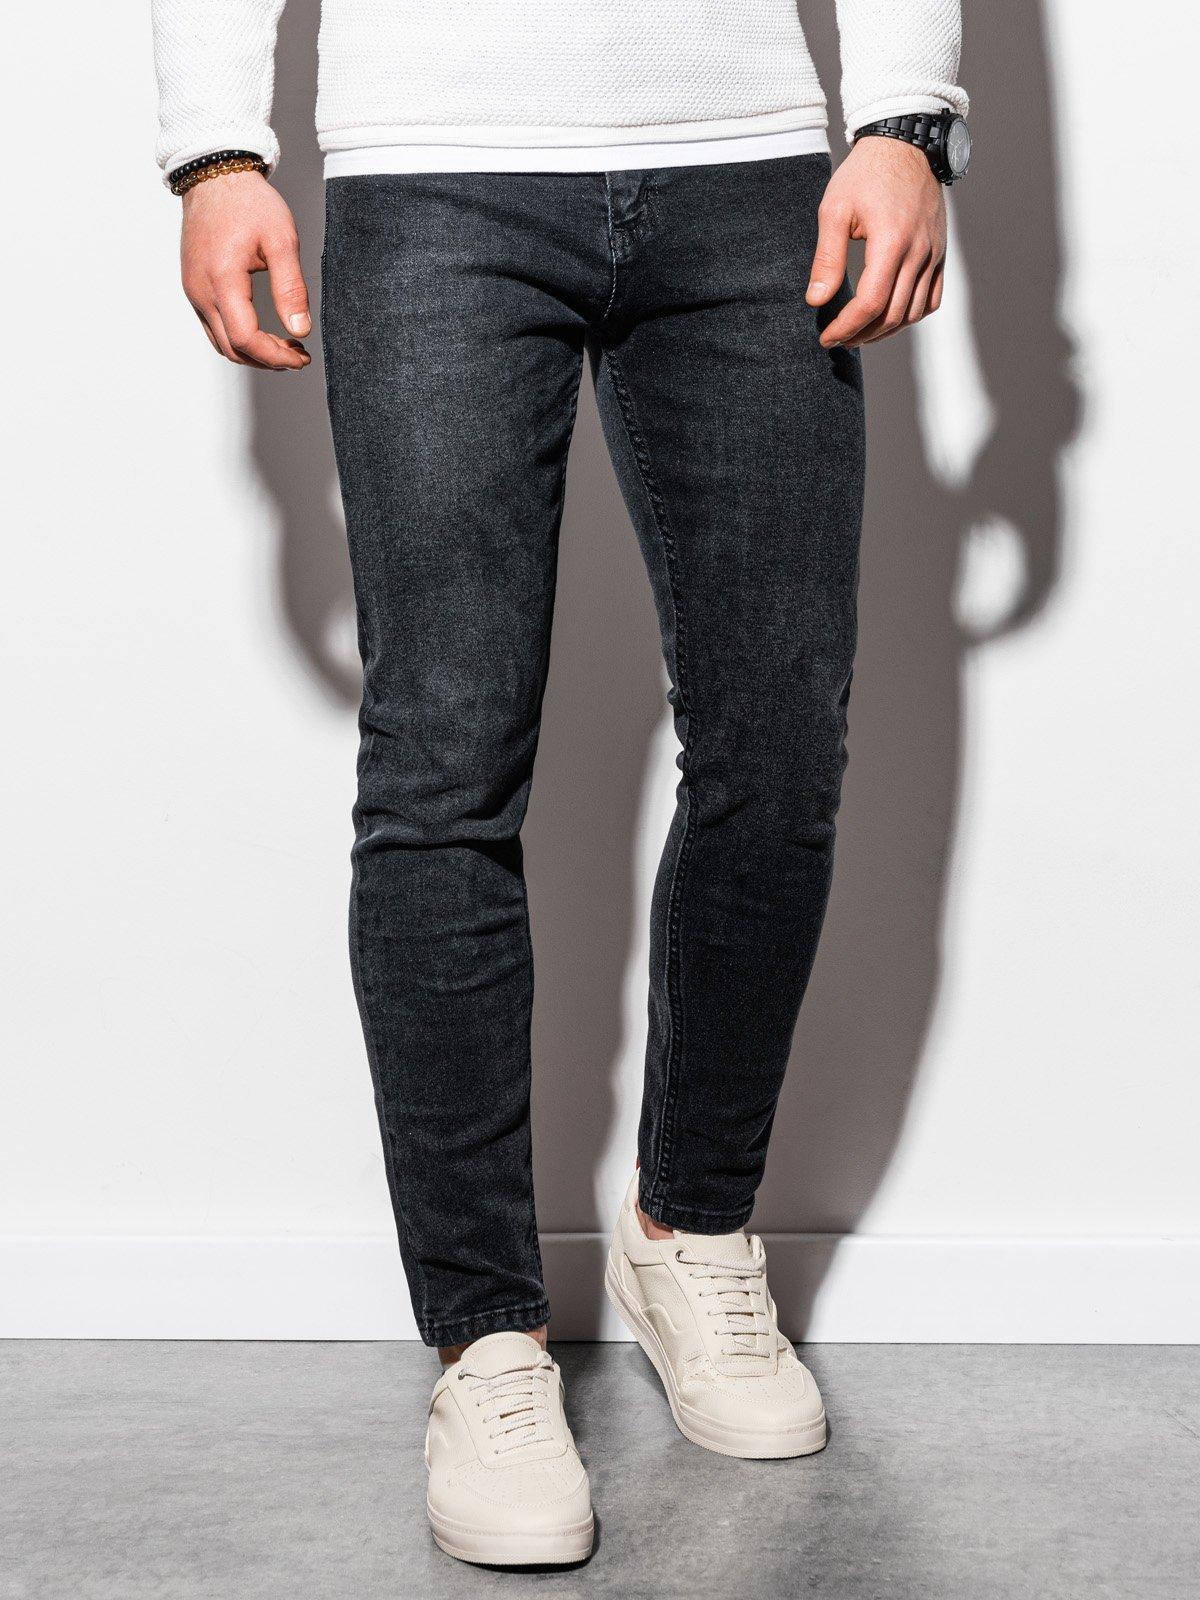 Pánské riflové kalhoty P941 - černé